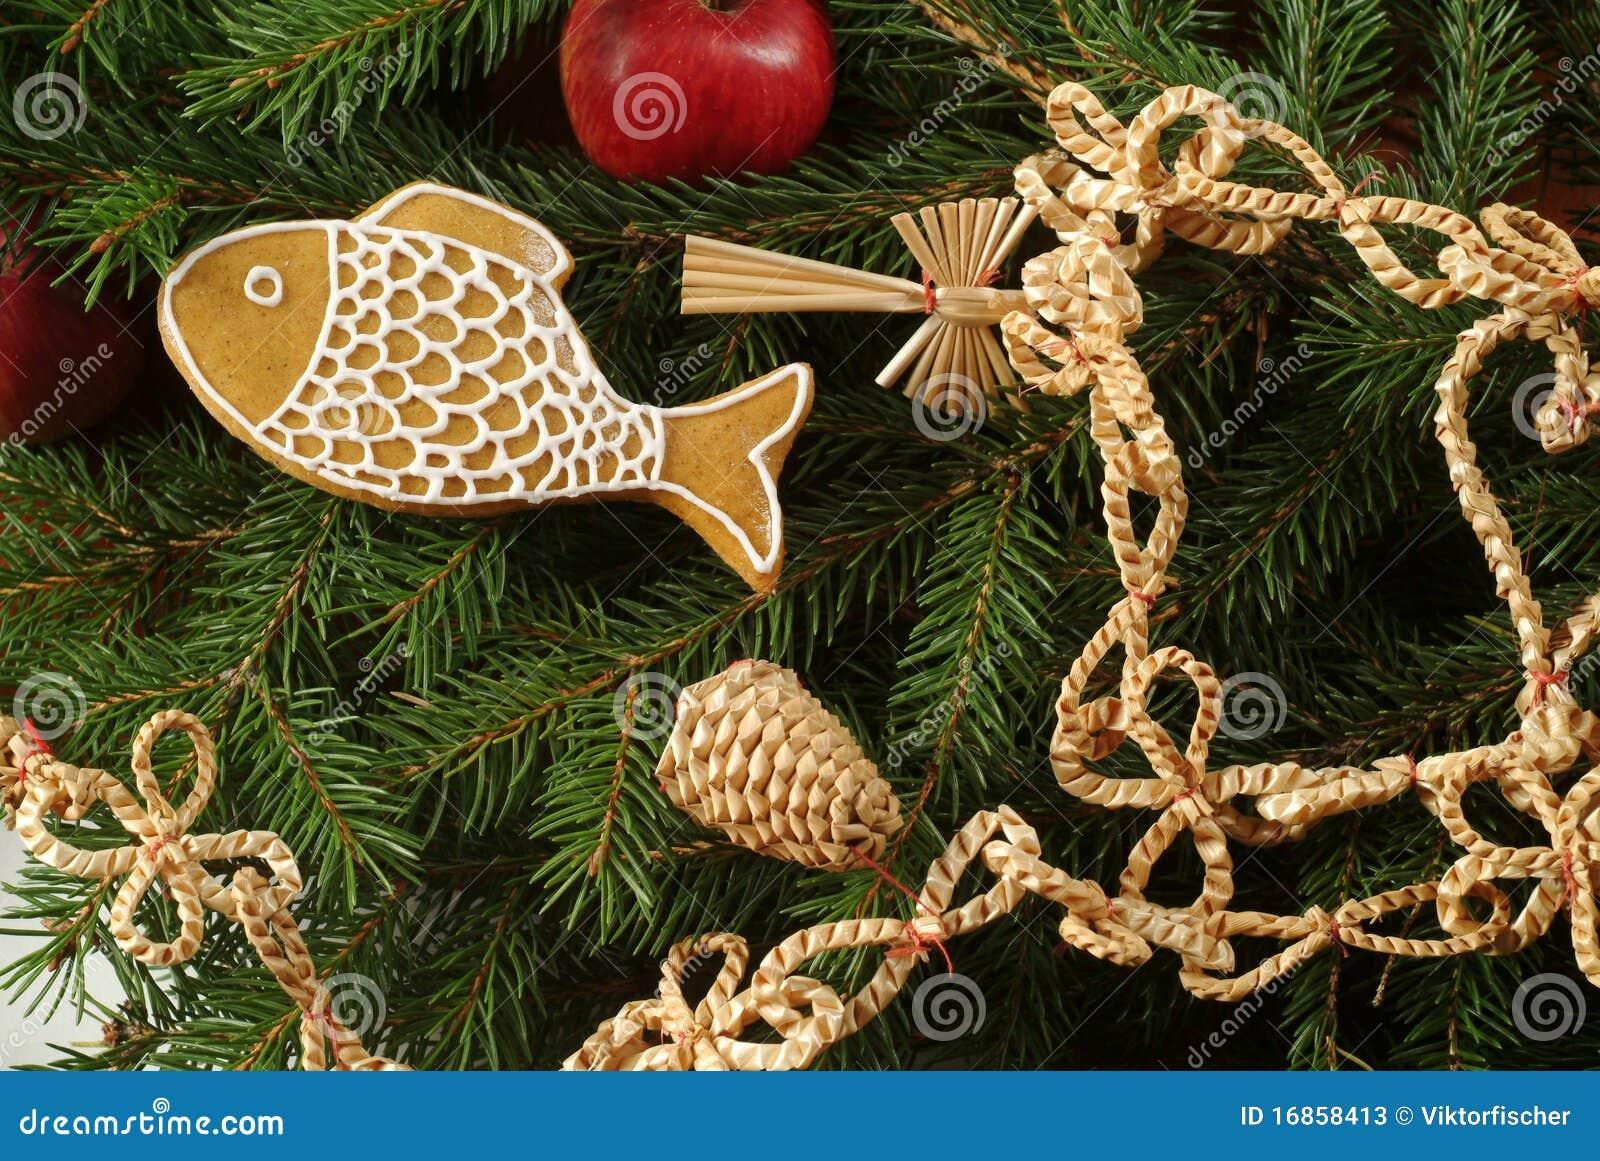 traditionelle weihnachtsdekoration stockfotos bild 16858413. Black Bedroom Furniture Sets. Home Design Ideas